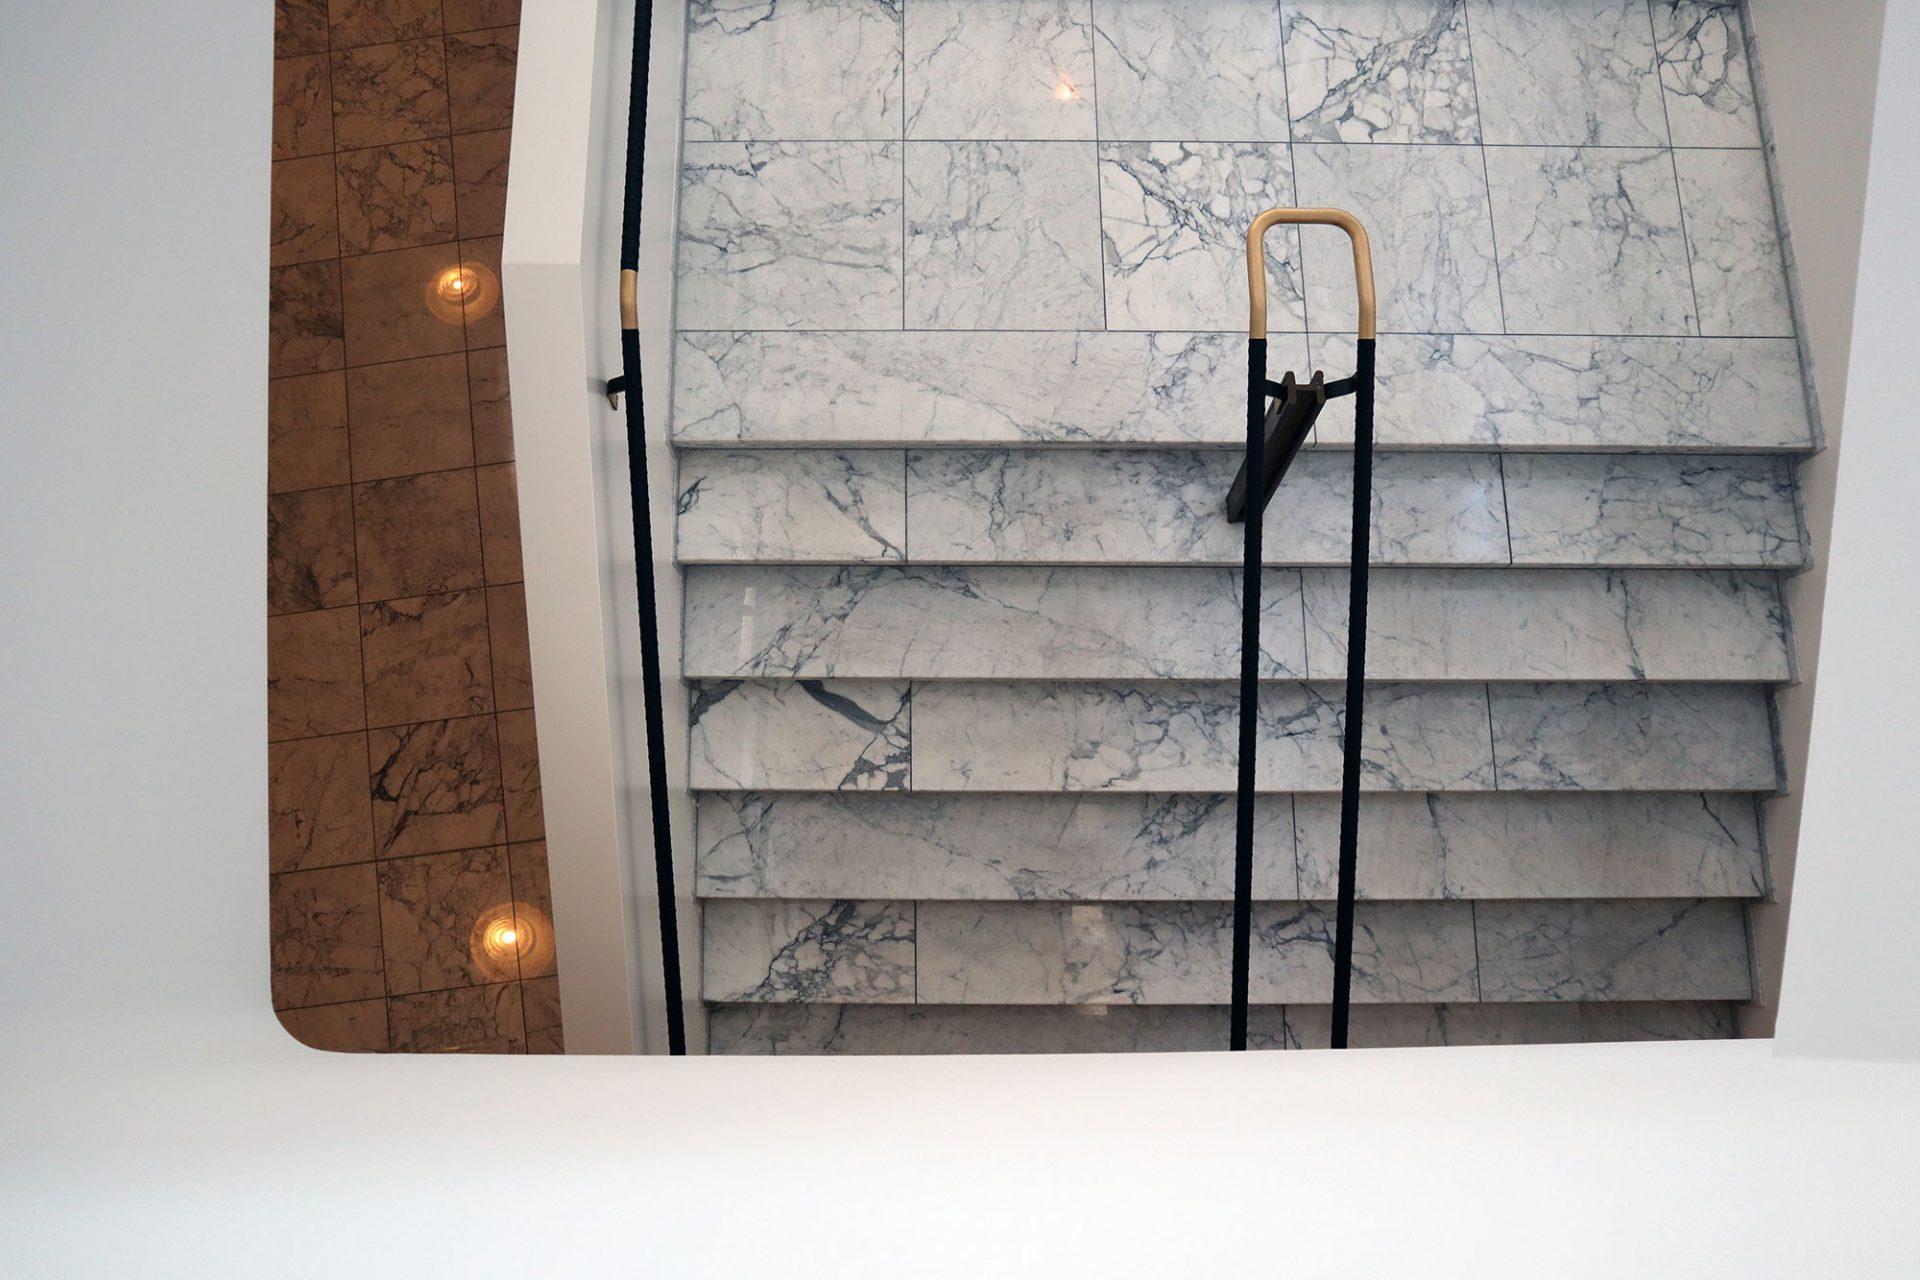 """Musiktheater. Aaltos """"Komposition des Beschwingten"""" ist sowohl im Äußeren als auch im Inneren ablesbar."""